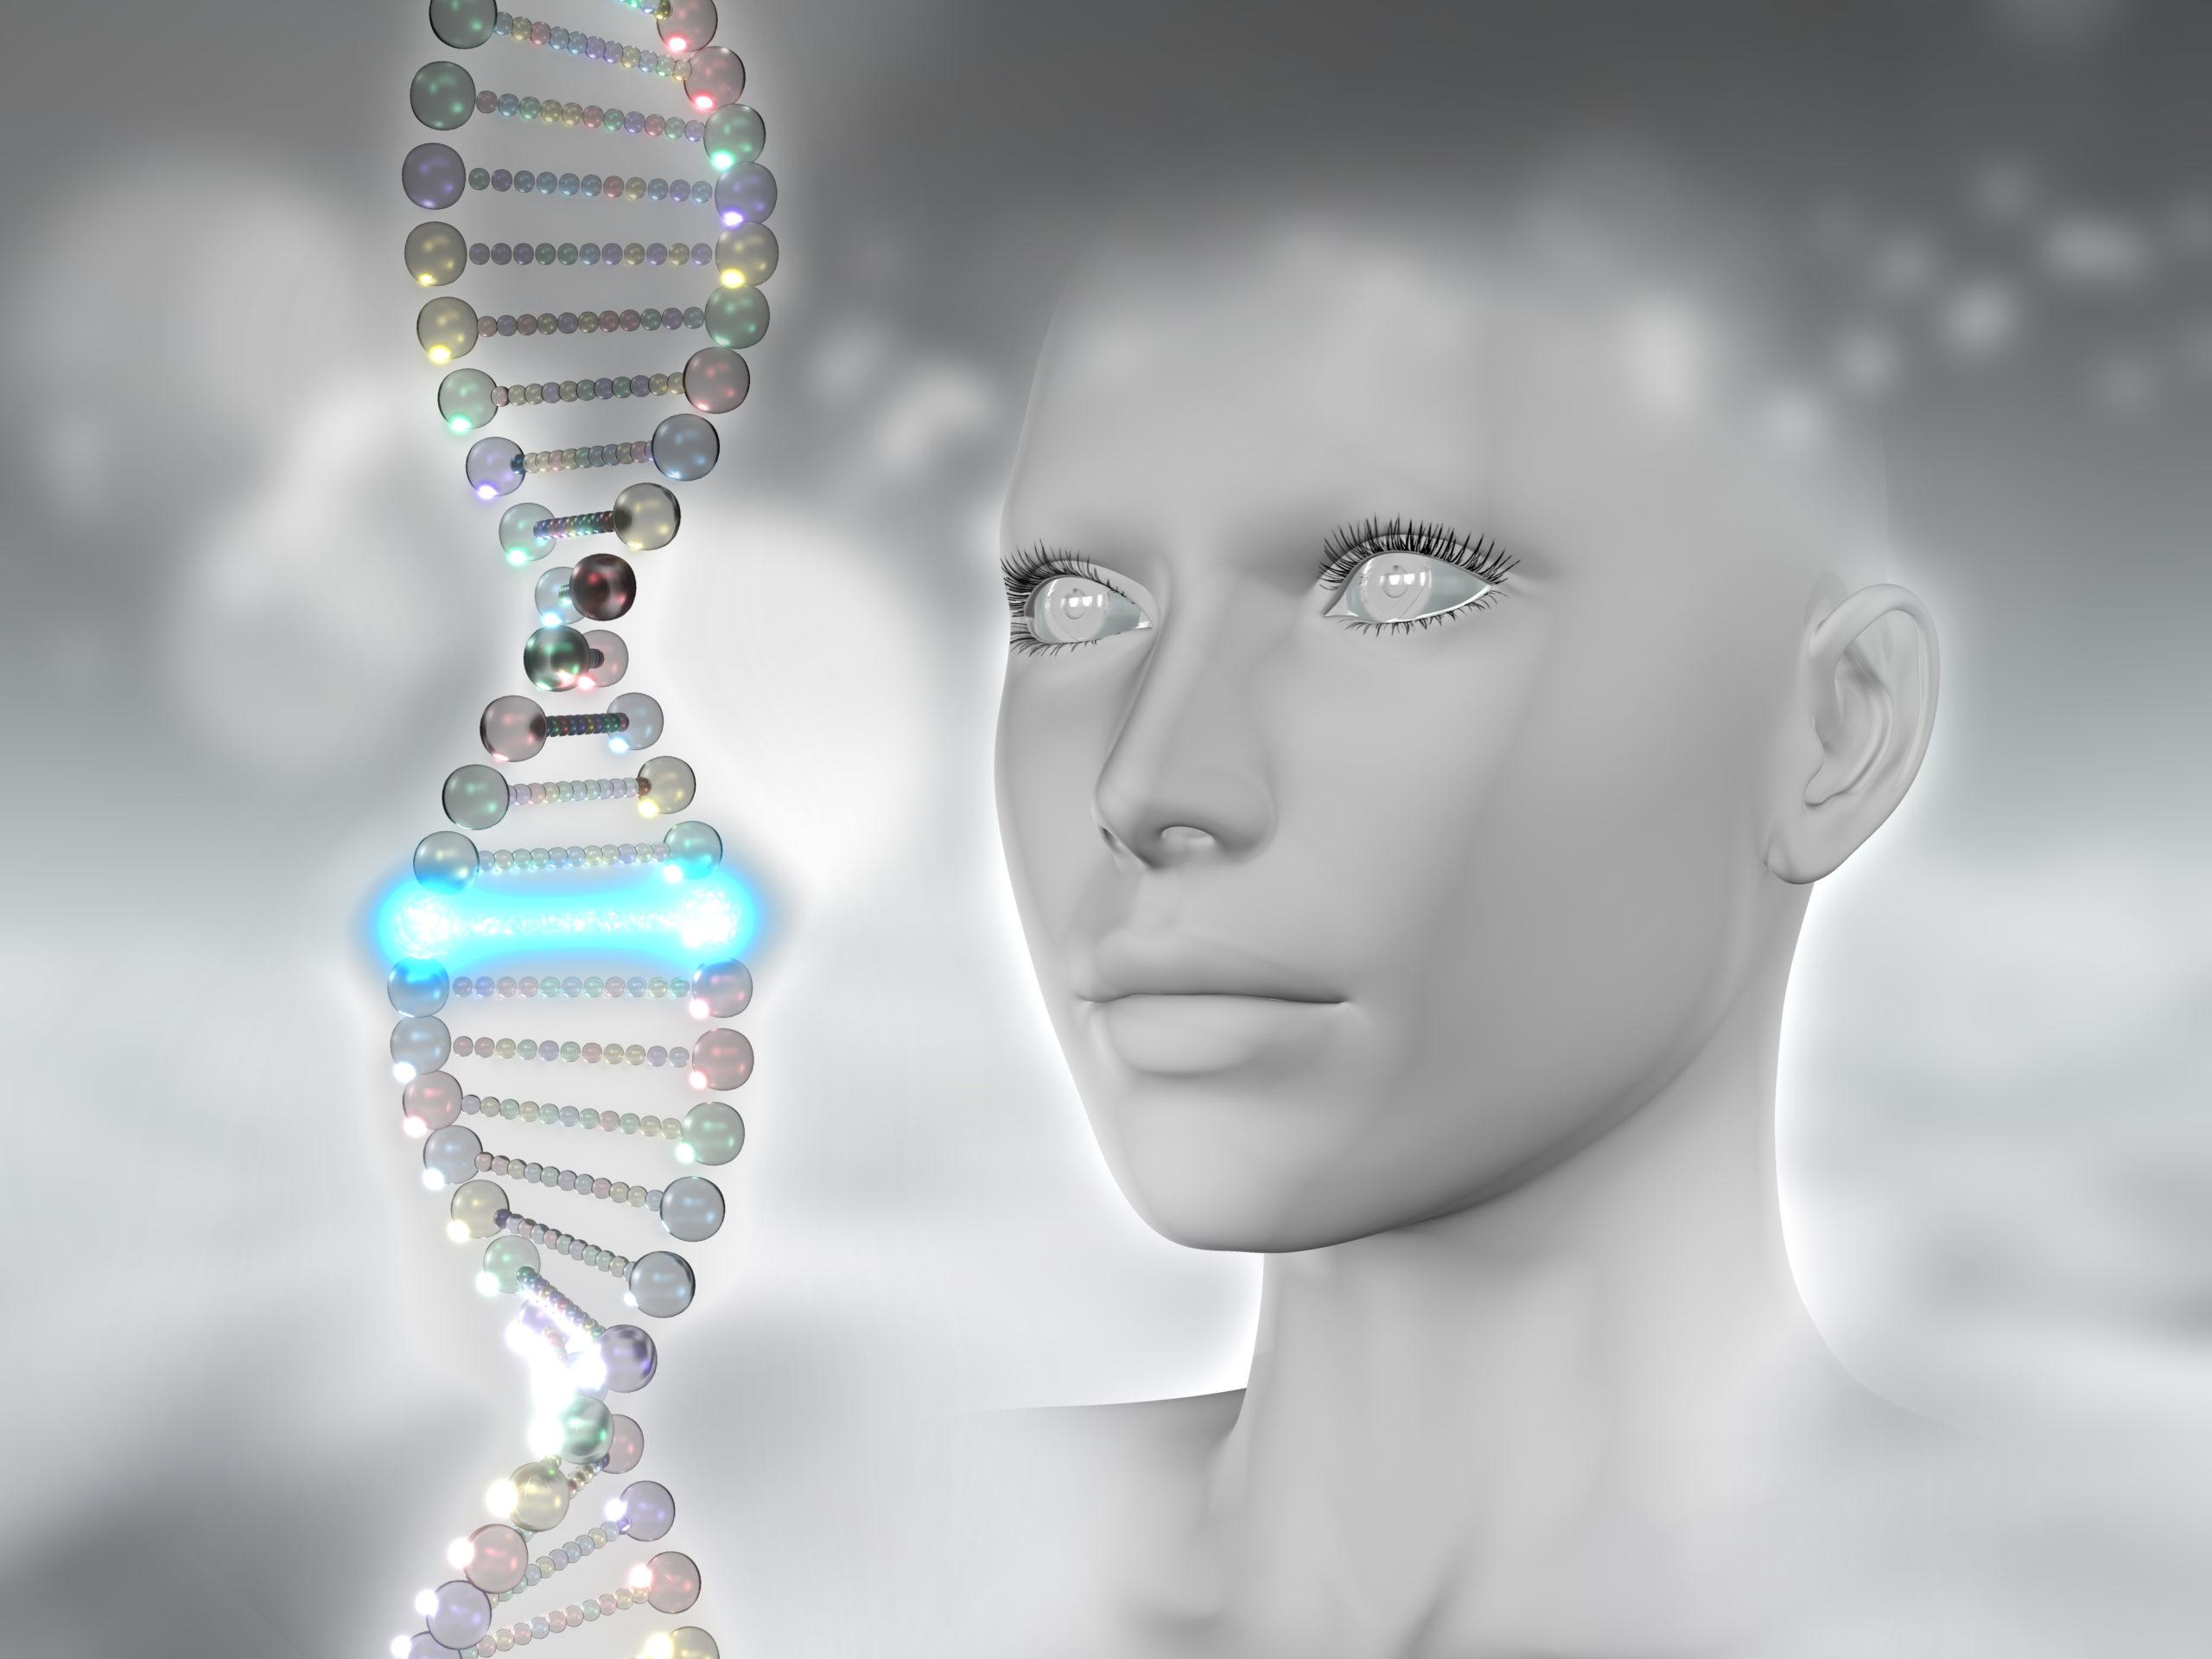 Aspectos importantes da genética